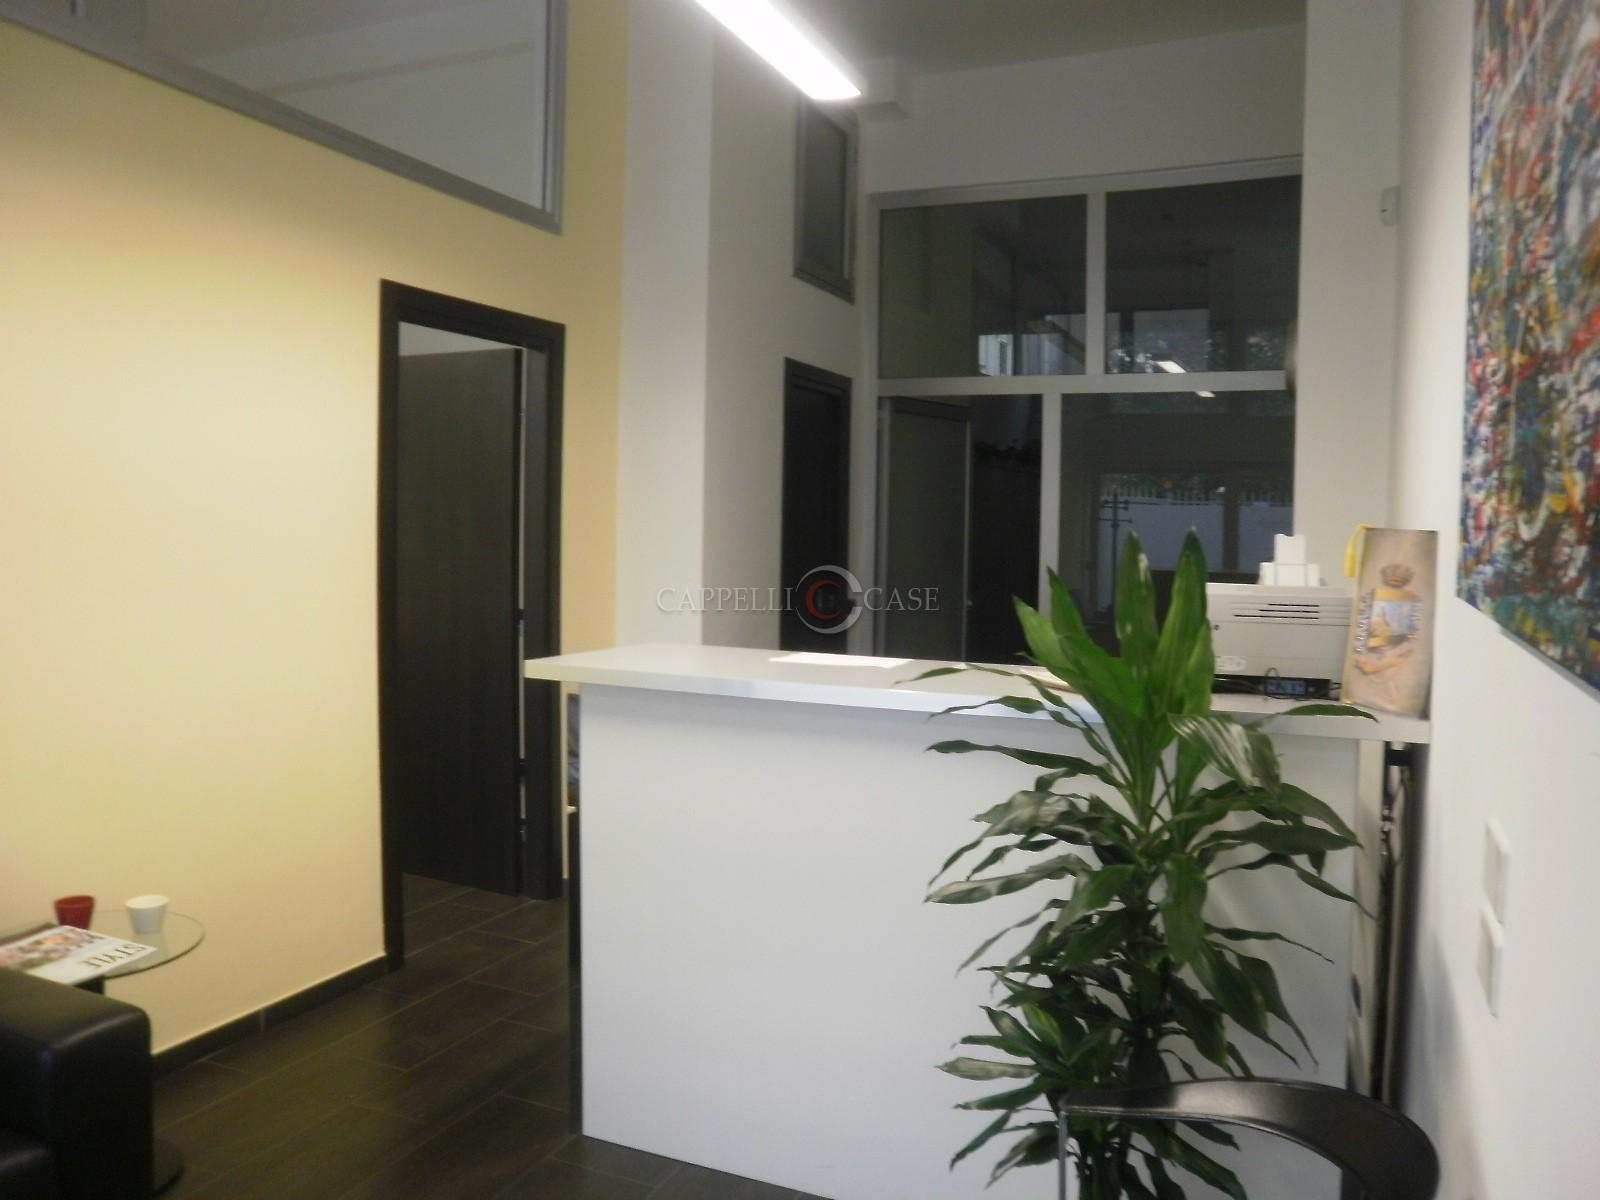 Negozio 2 luci/ufficio – Zona Città Studi – Milano